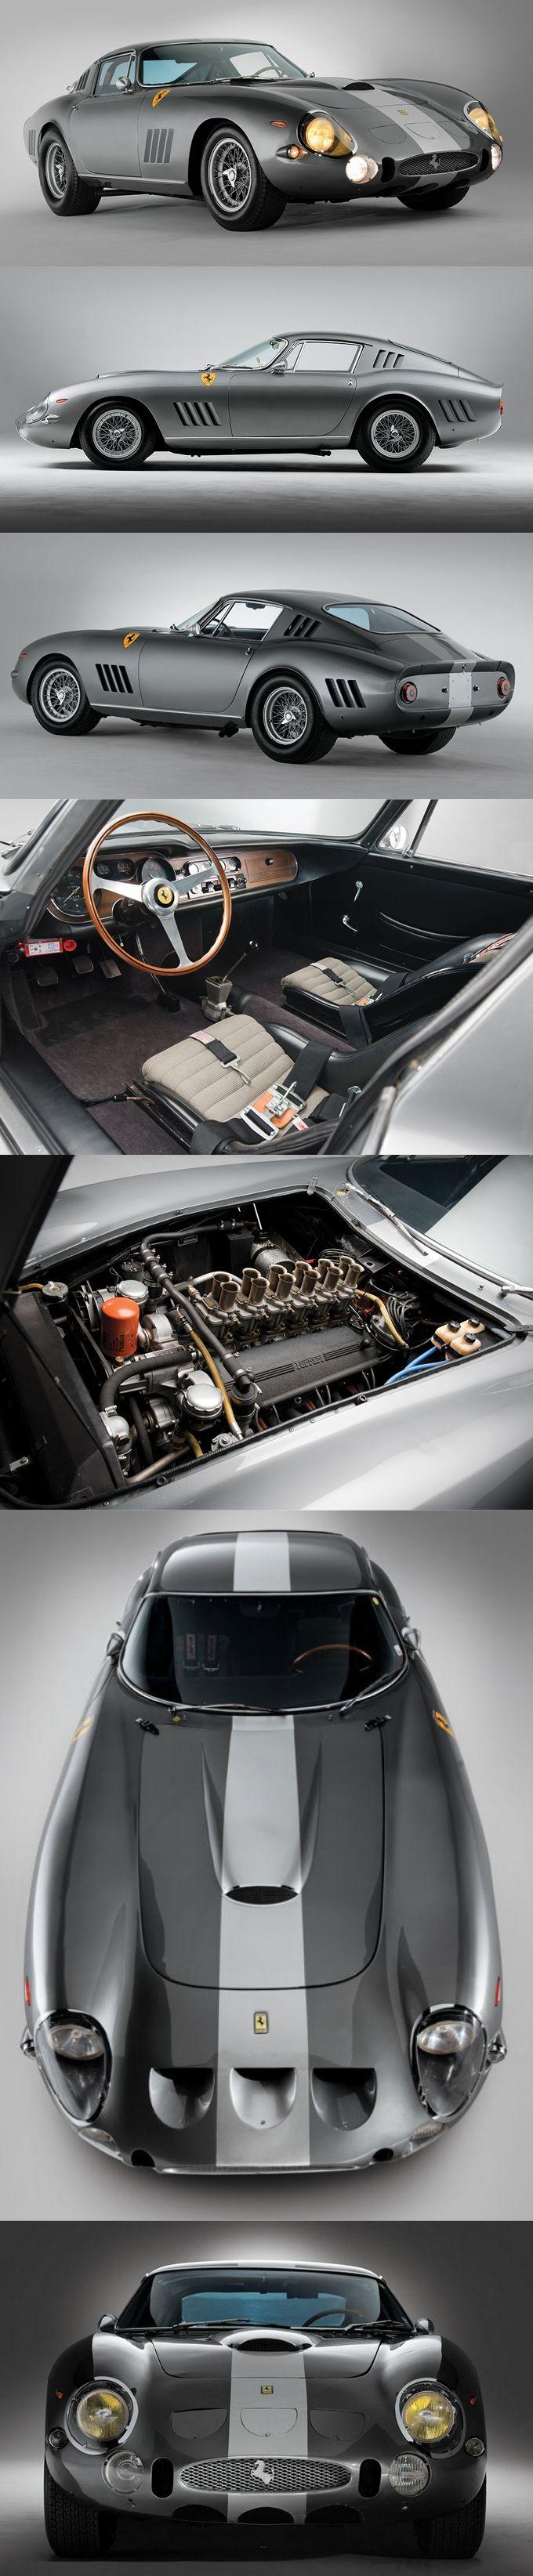 1964 Ferrari 275 GTB/C Speciale Scaglietti / s/n 06701 / Italy / silver white / $ 26 mio / 1 0f 3pcs